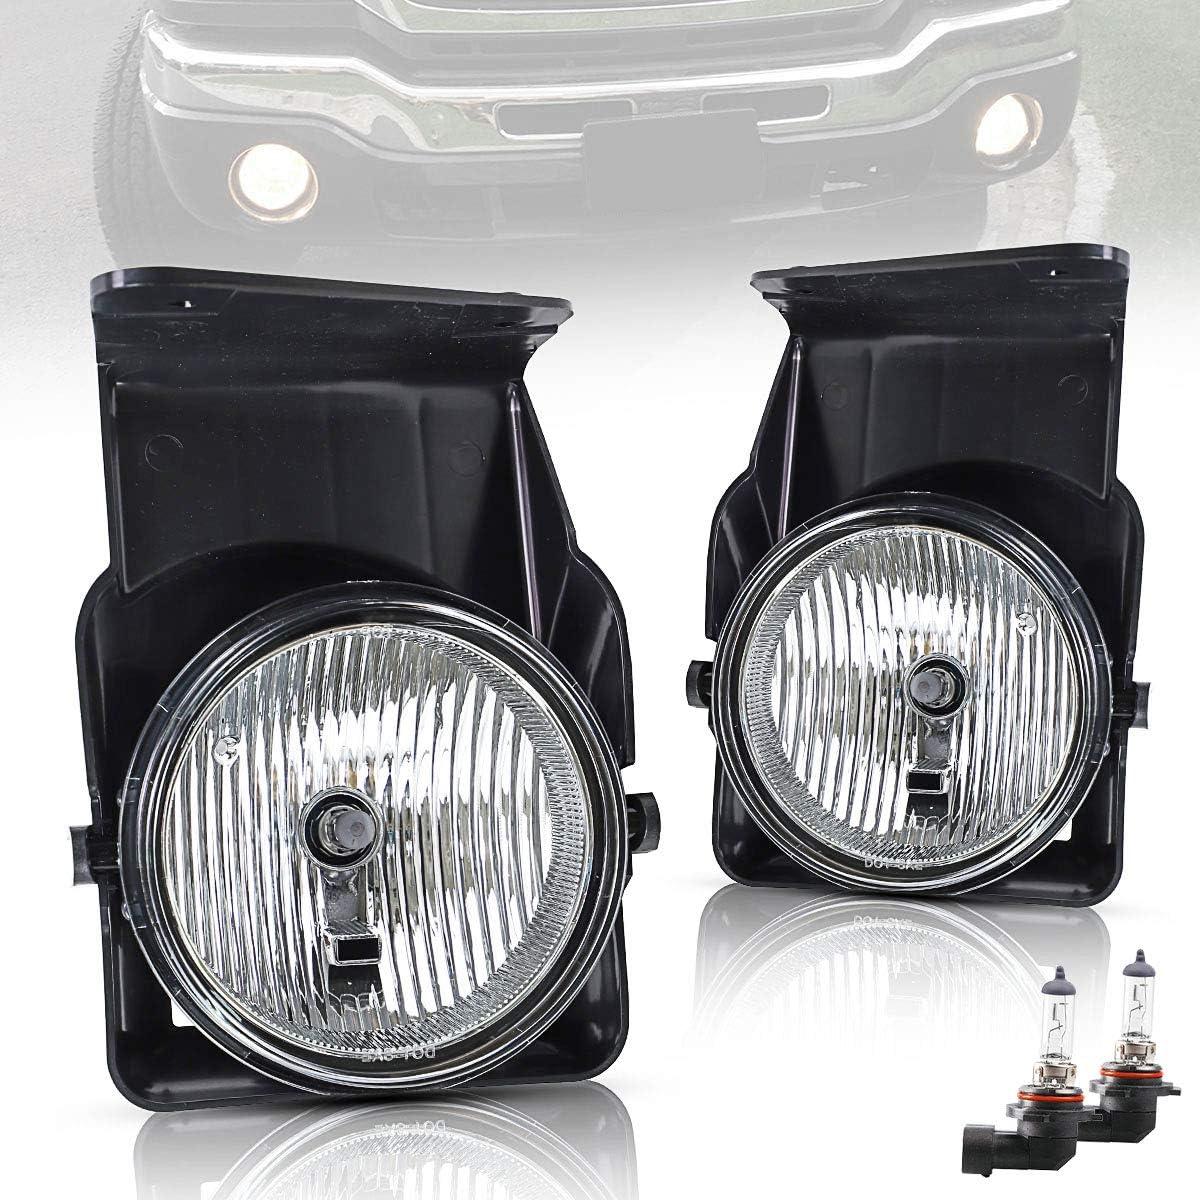 高額売筋 YUANZHENG Fog Lights Replacement for 3500 ご注文で当日配送 Sierra 2500 1500 GMC